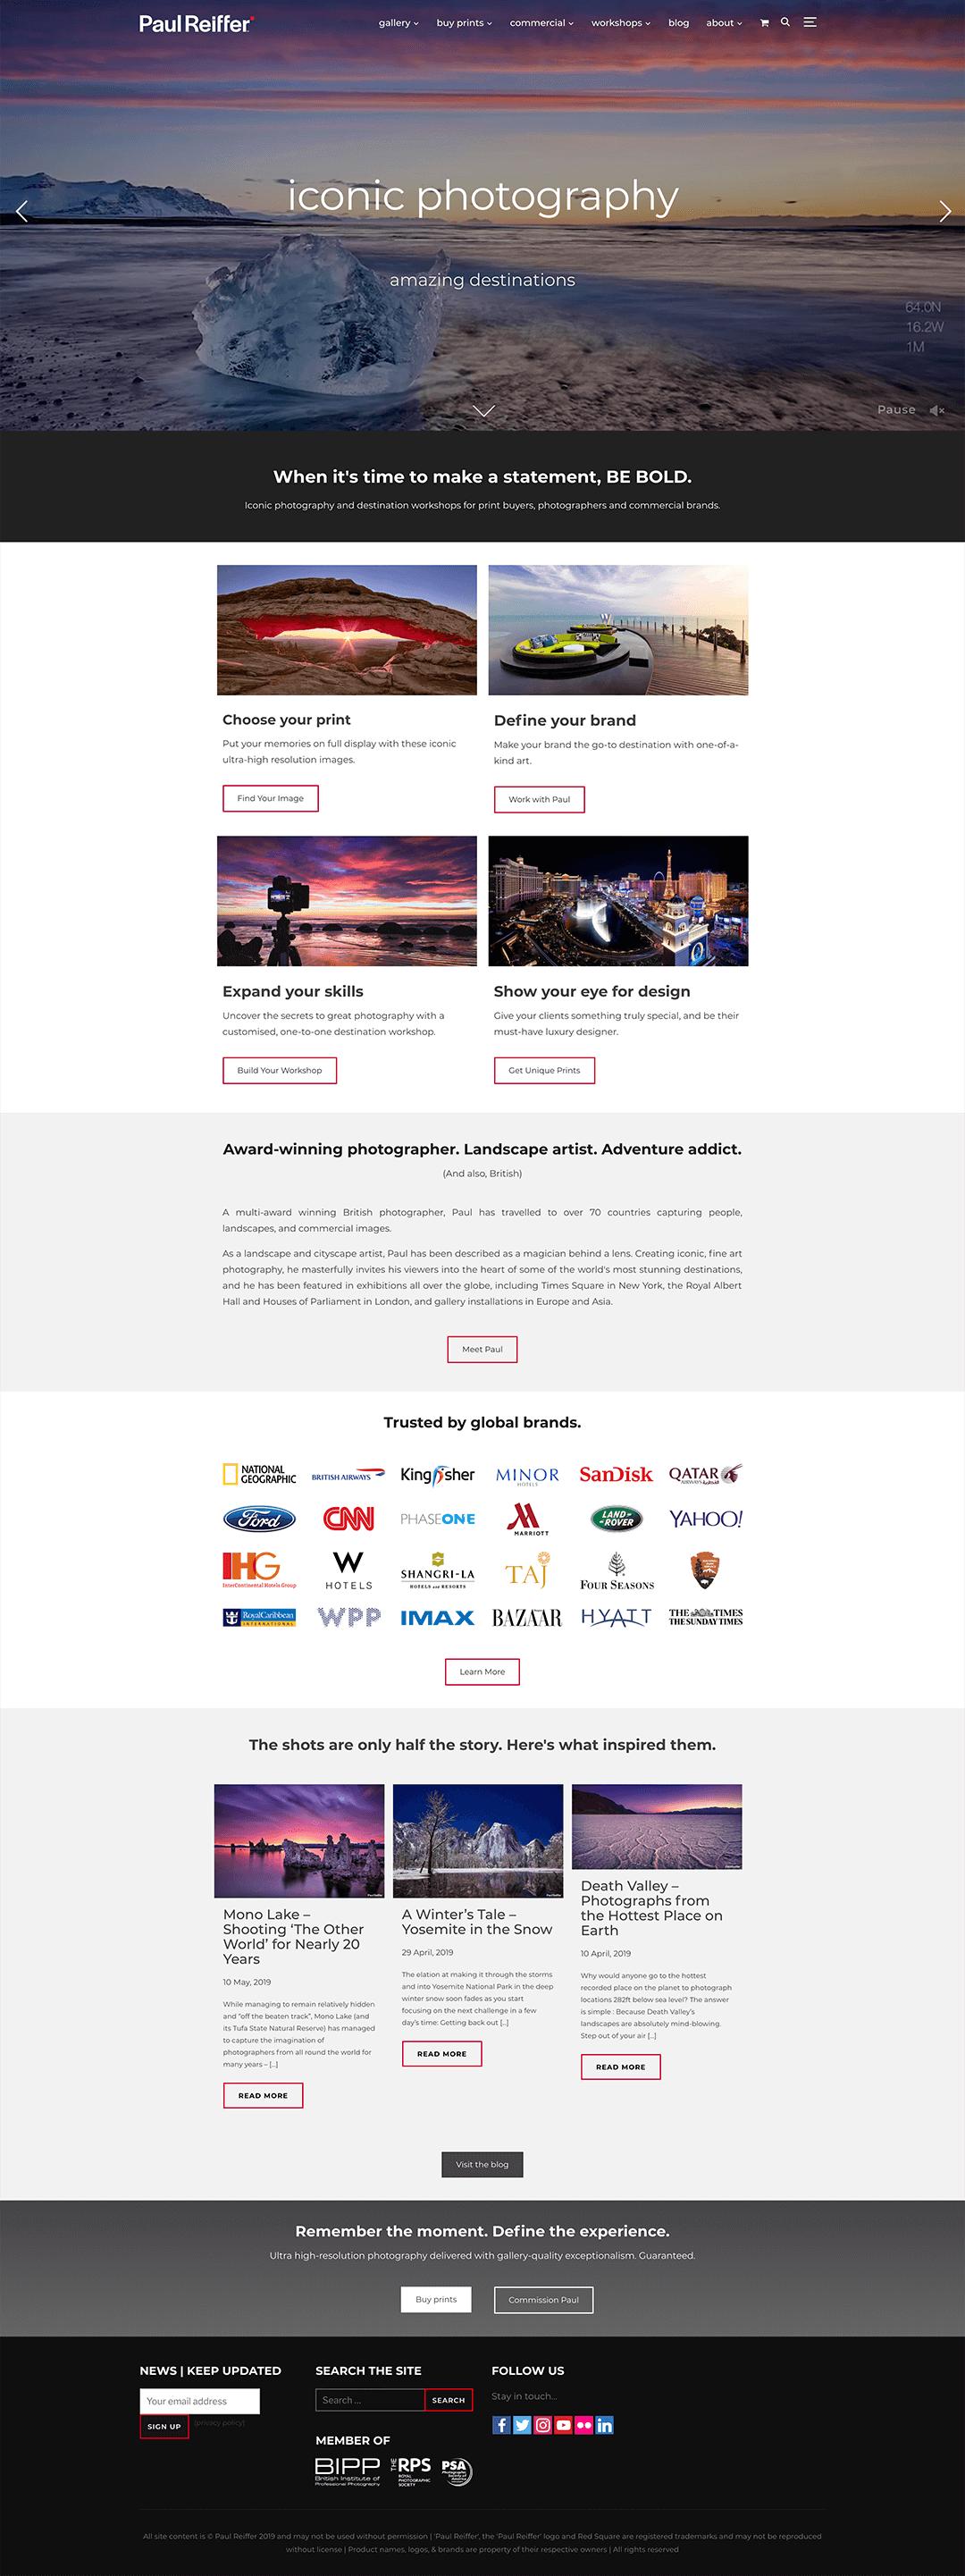 paulreiffer.com